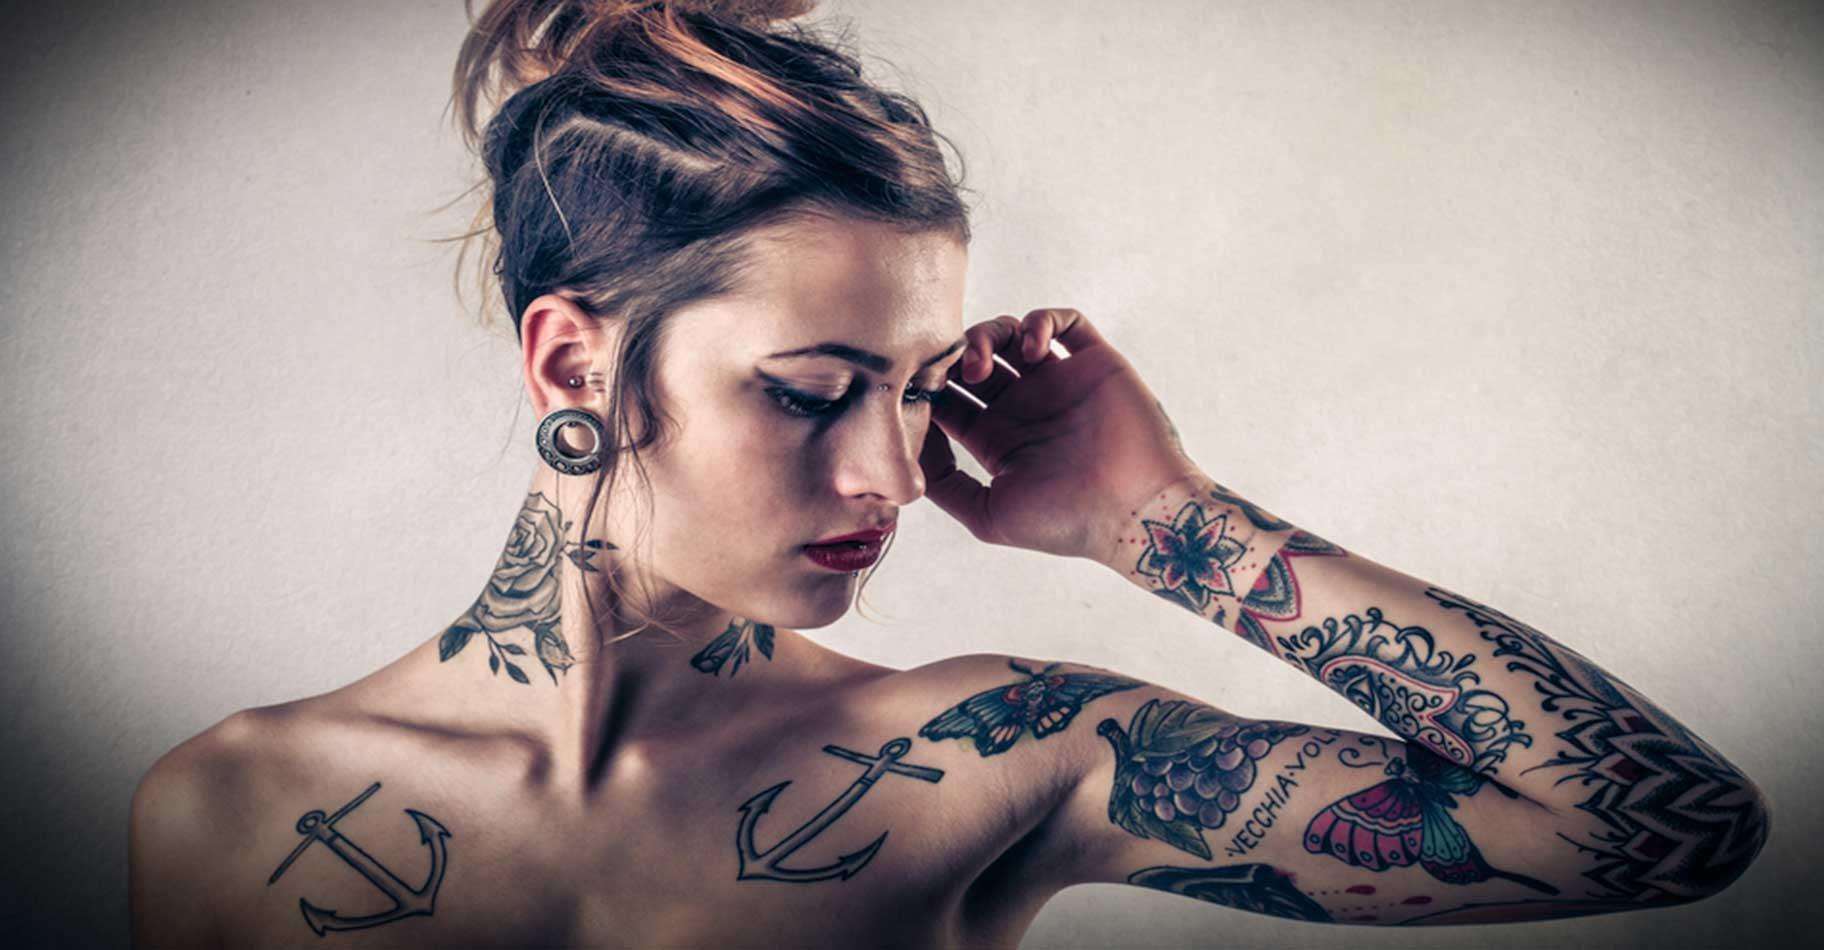 Хочу сделать татуировку но не знаю какую